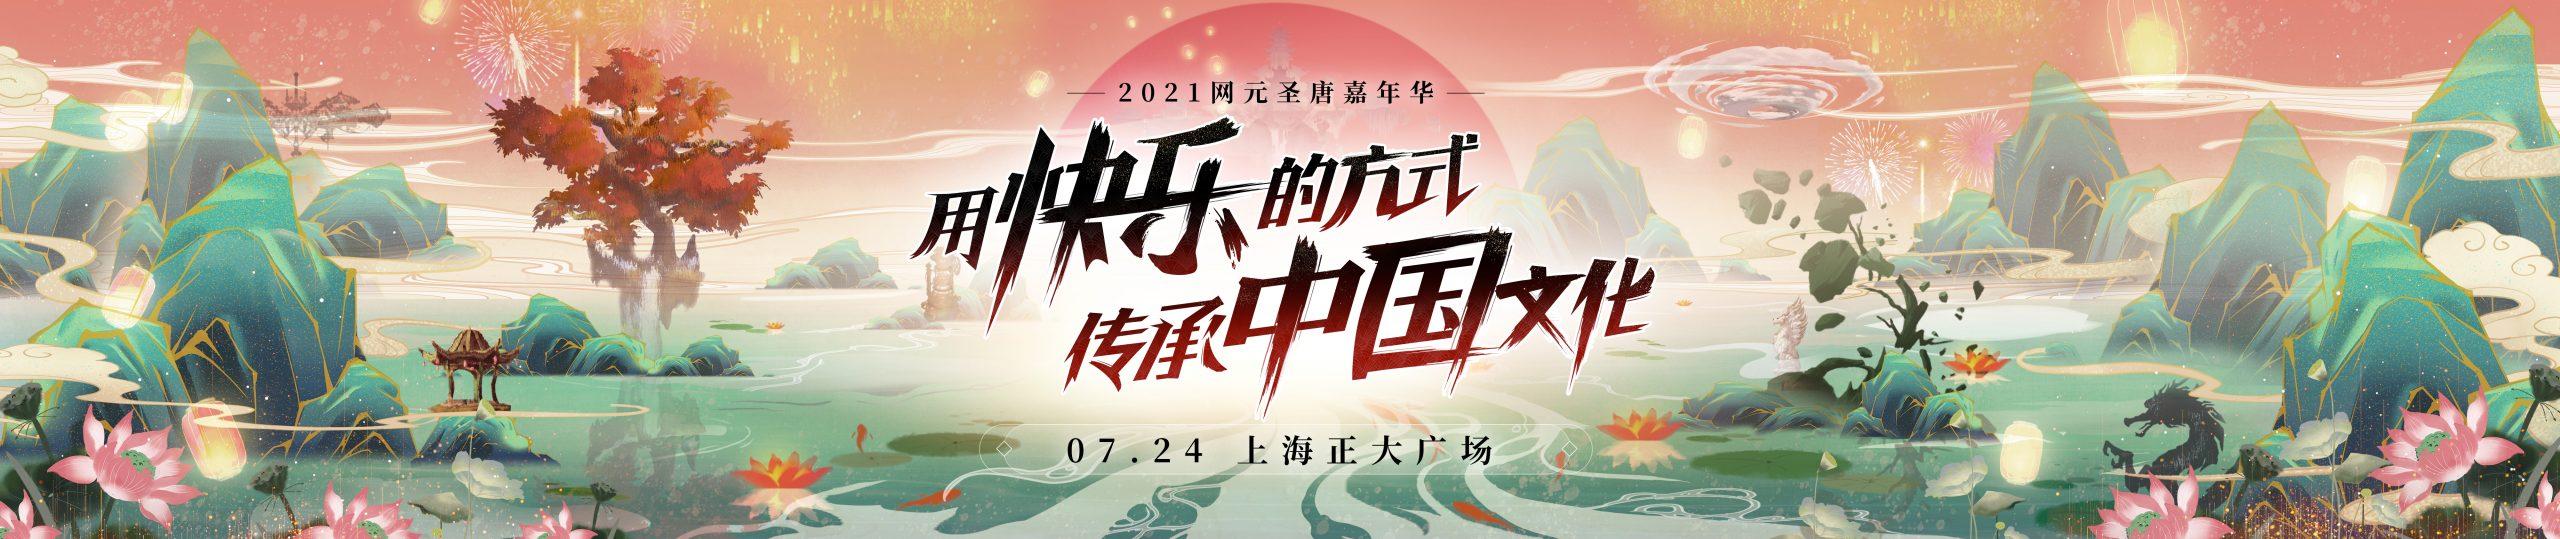 2021网元圣唐嘉年华即将在沪拉开帷幕 !-ANICOGA